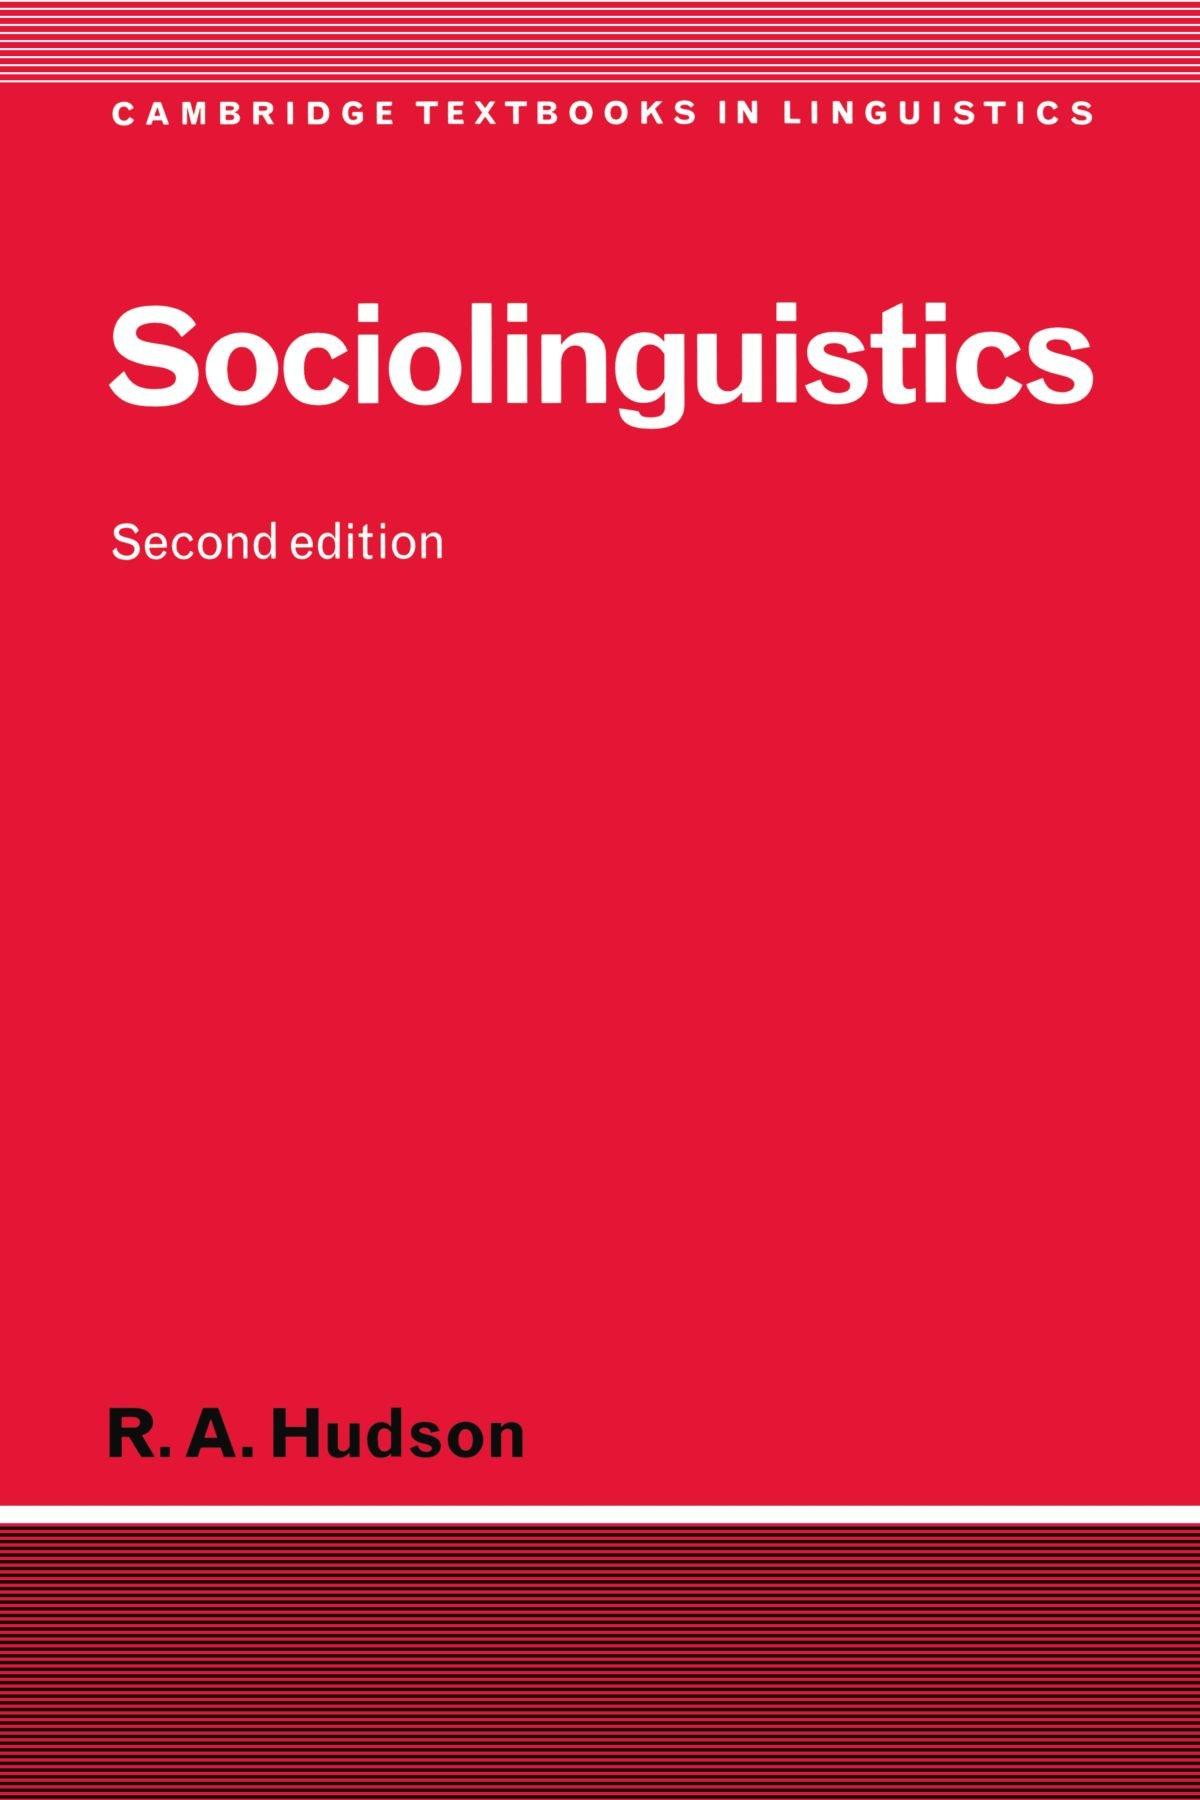 Sociolinguistics (Cambridge Textbooks in Linguistics): Amazon.co.uk: R  Hudson: 9780521565141: Books